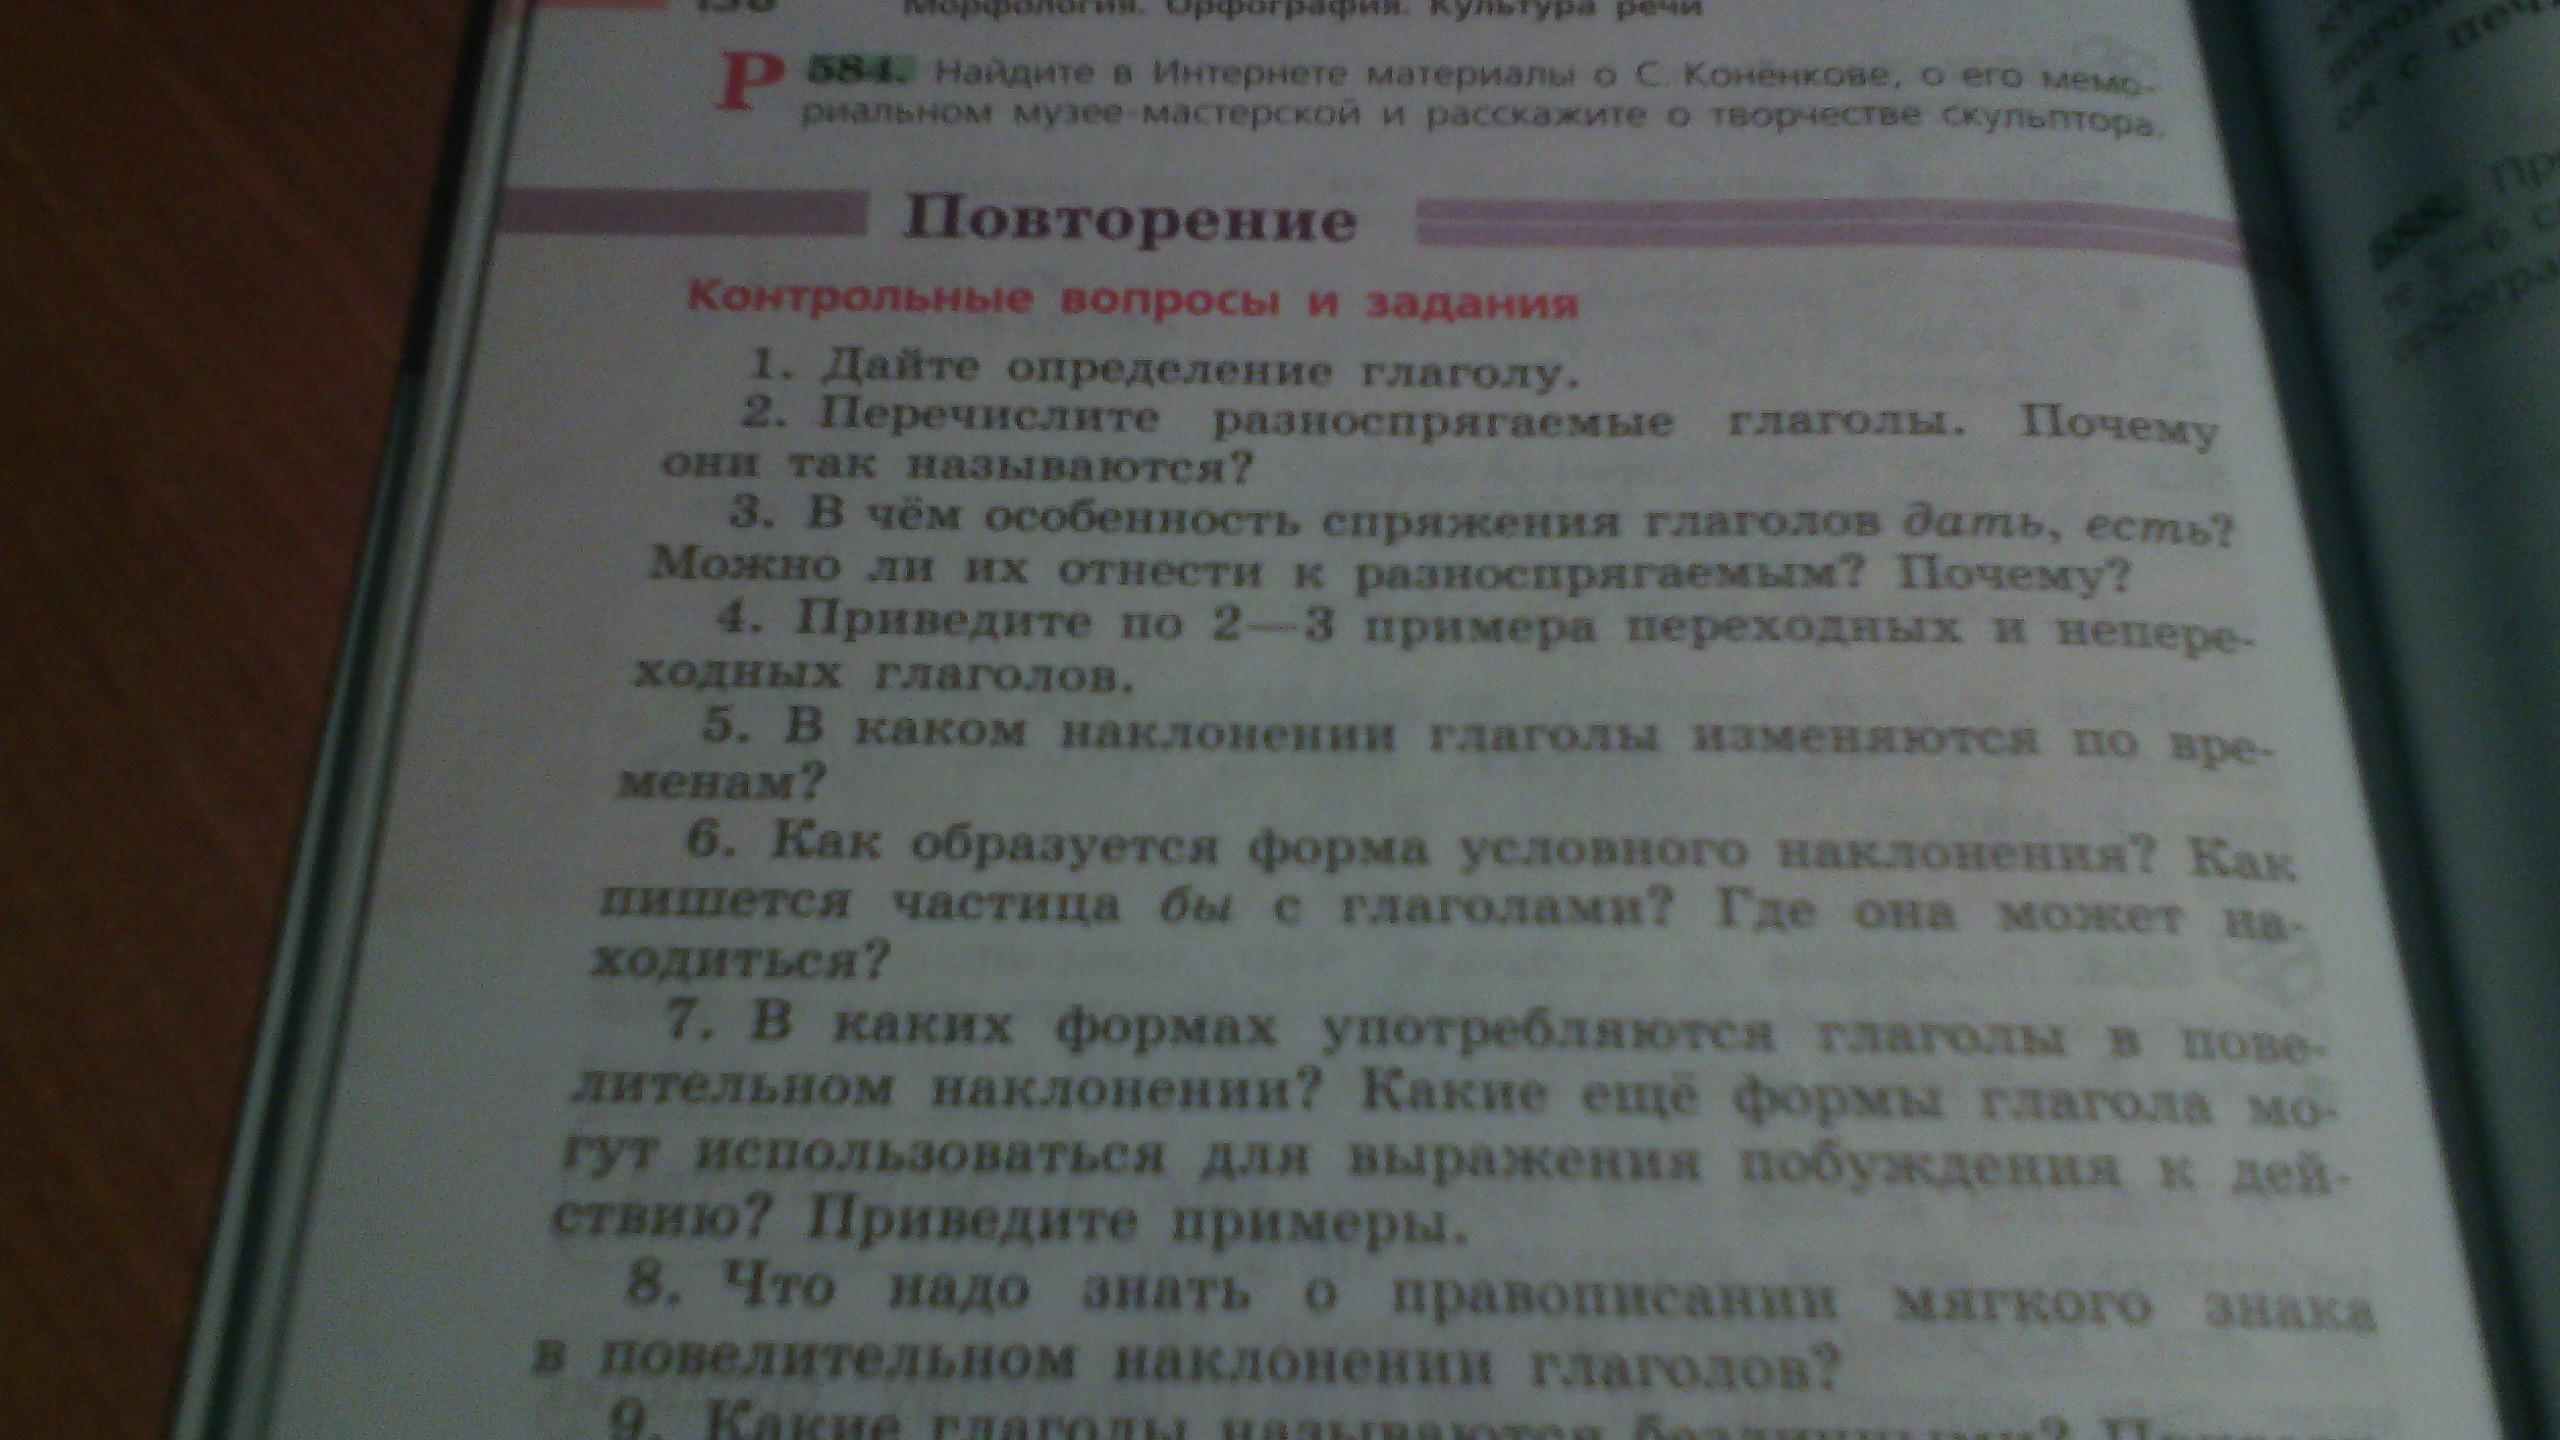 Контрольные вопросы и задания по рускому языку 5 класс